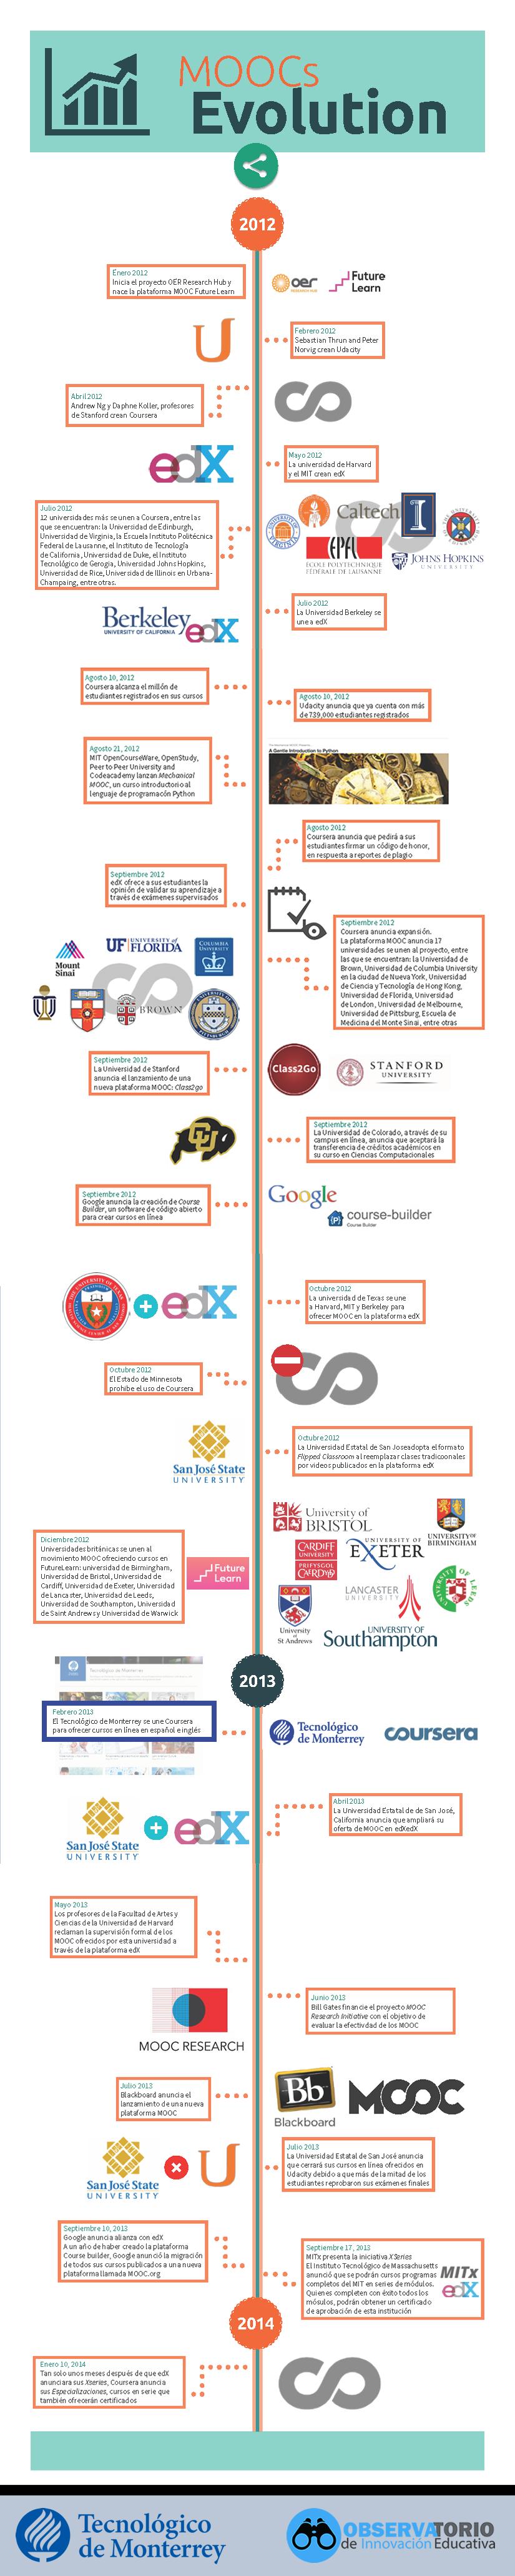 Evolución de los MOOC